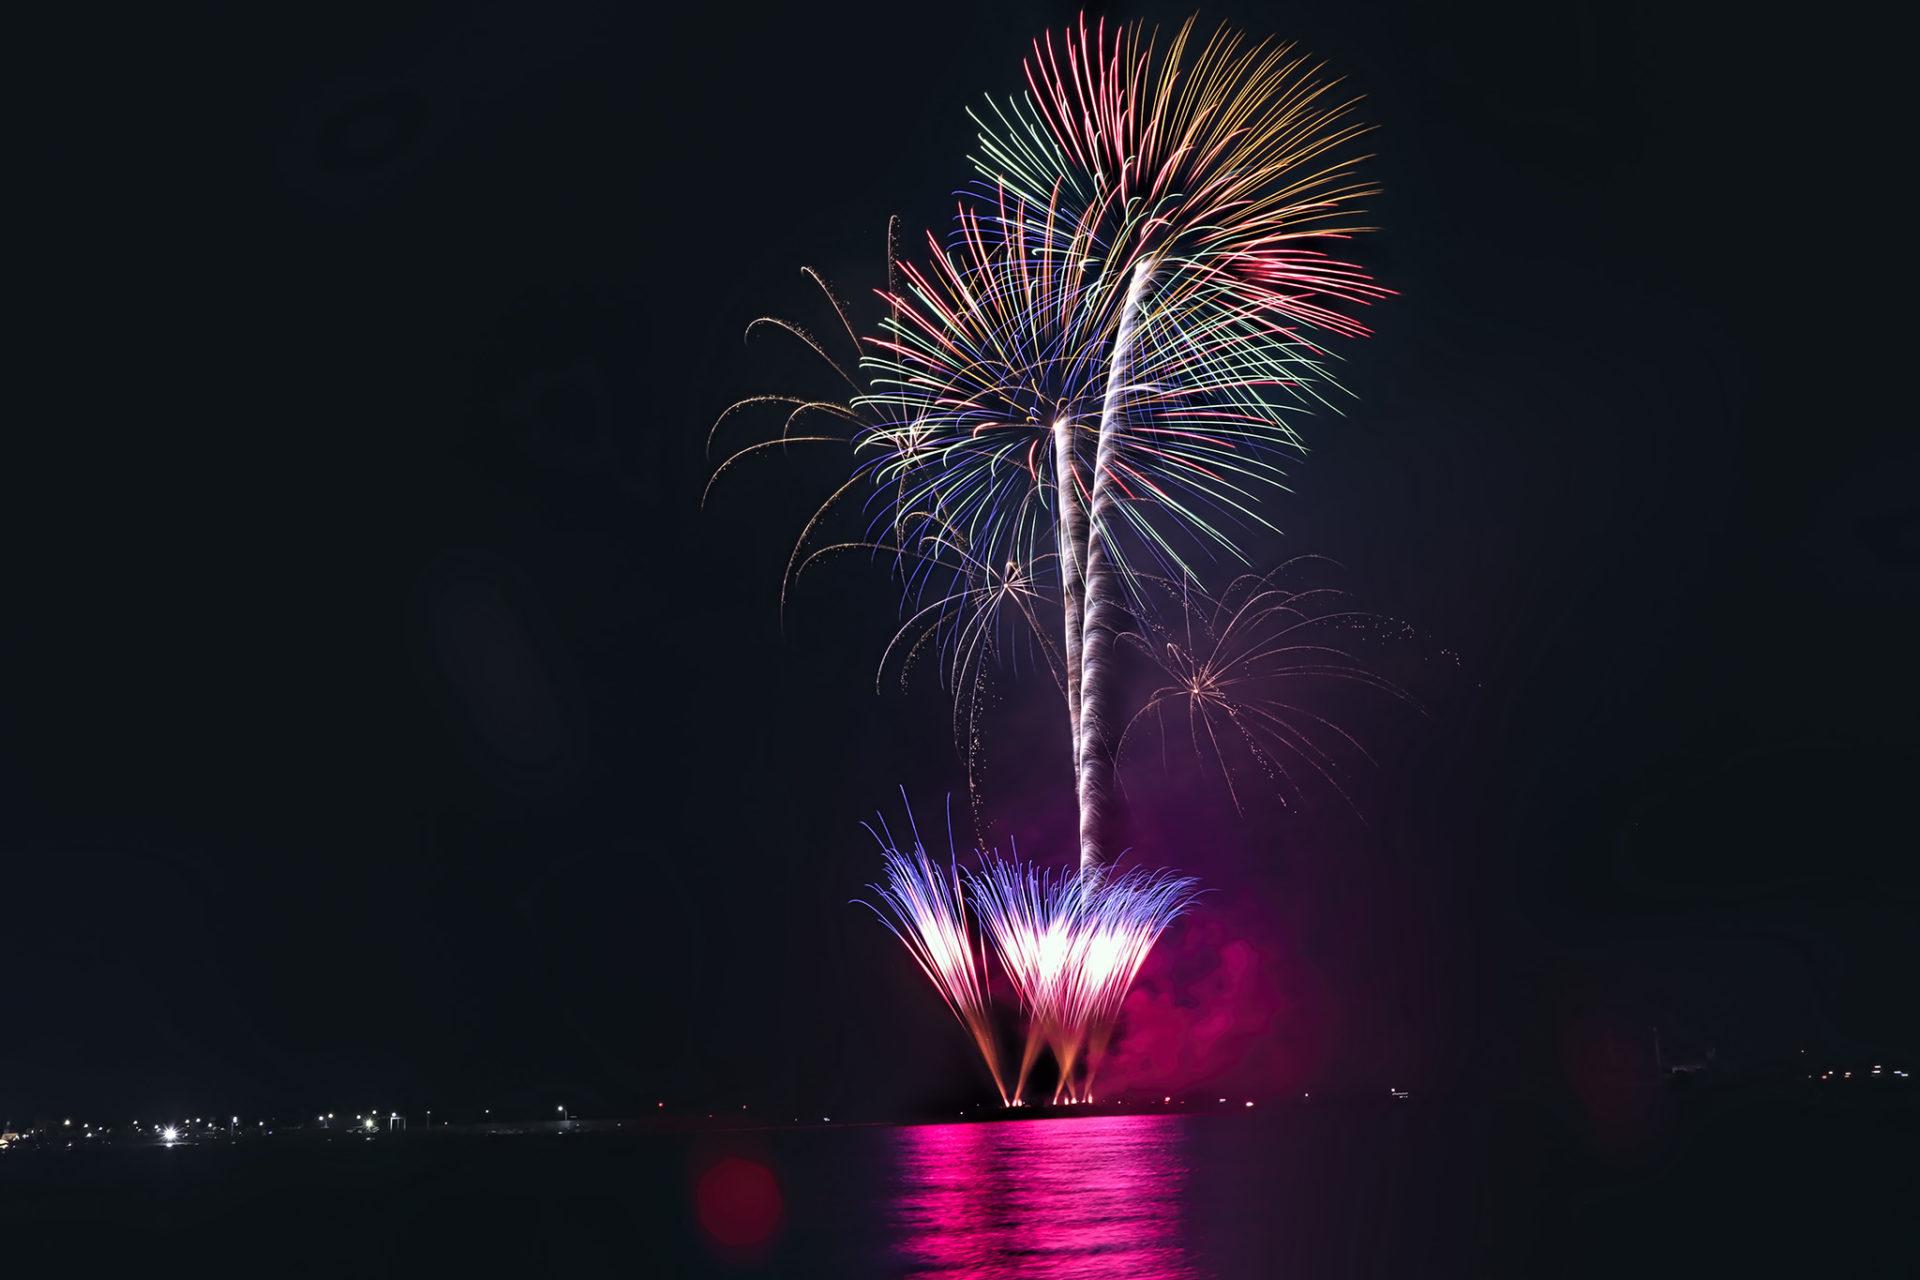 赤い光が水面に反射する色鮮やかな花火